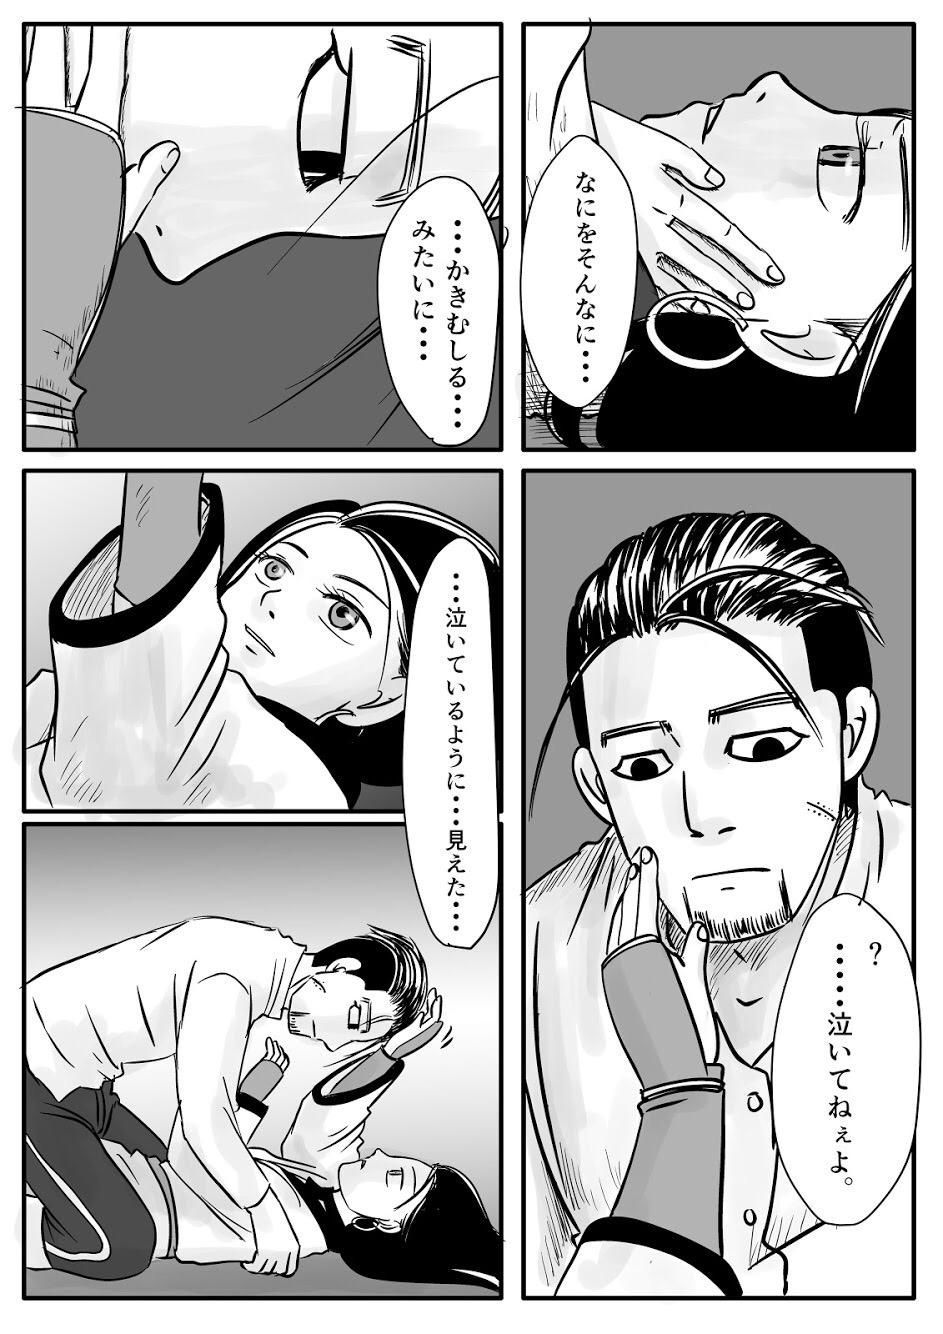 Toko no Koto 37